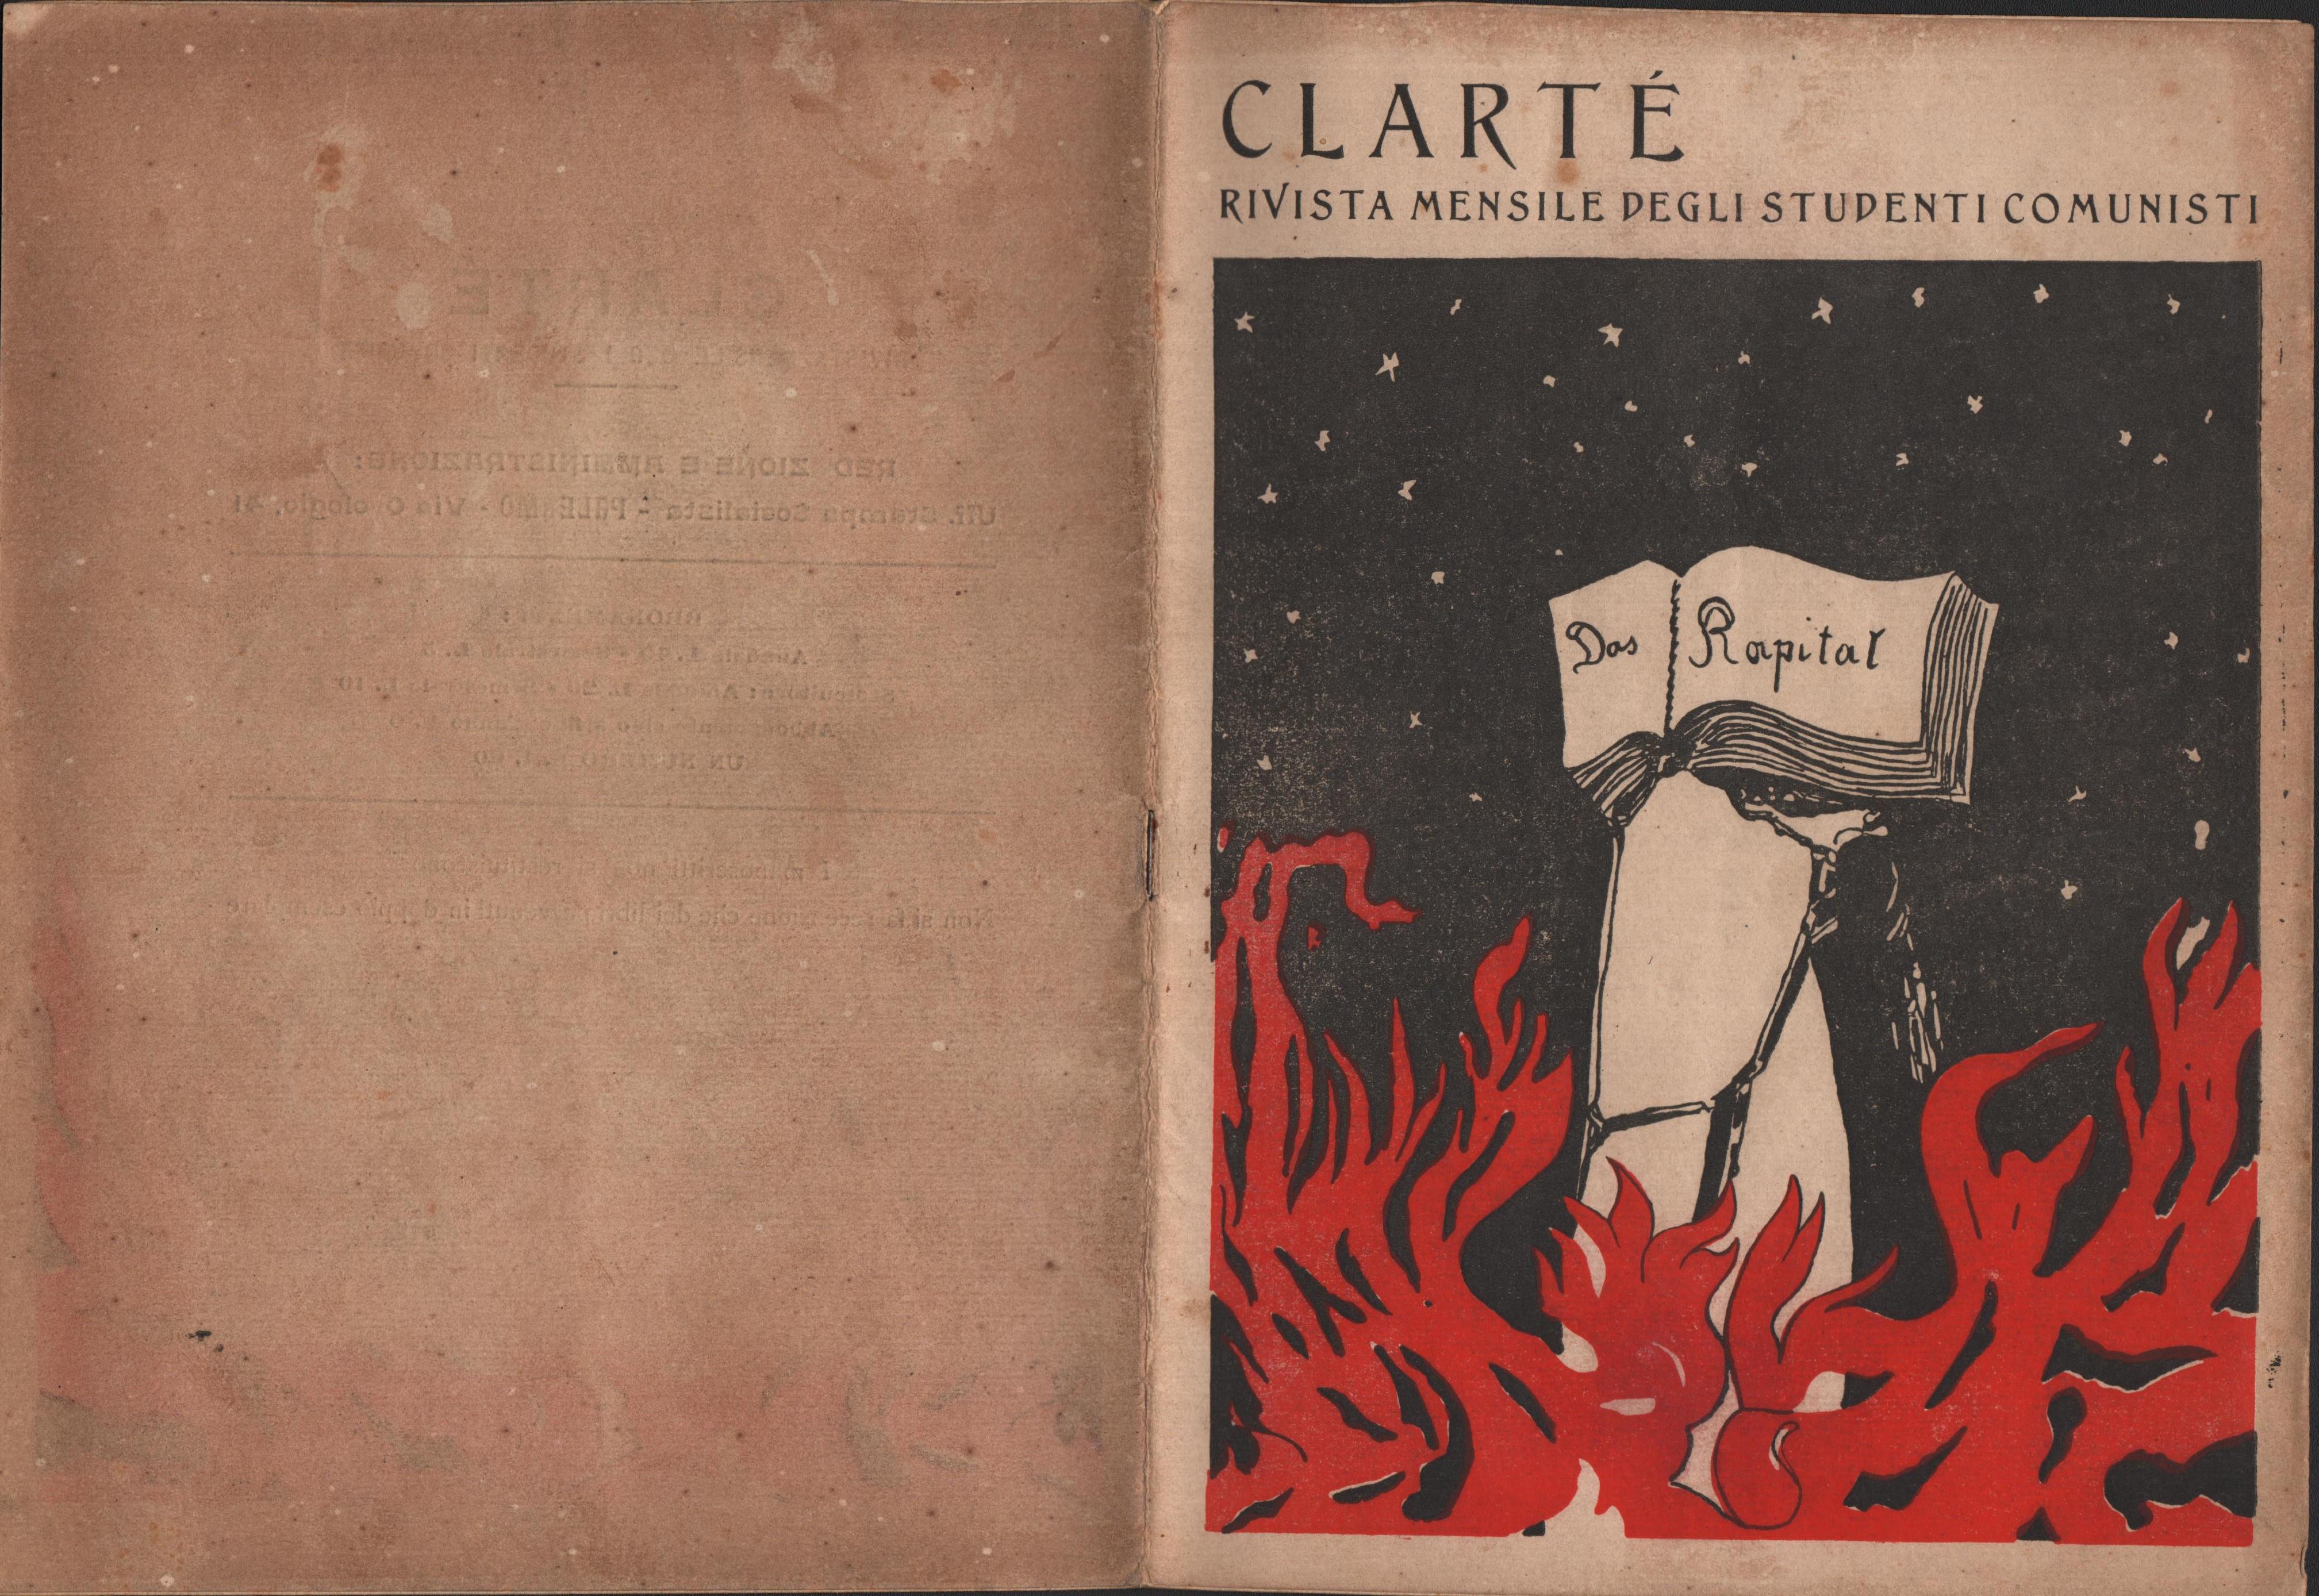 Clarté. Rivista mensile degli studenti comunisti (a. I, n. 3, Palermo, 15 luglio 1920) - pag. 1